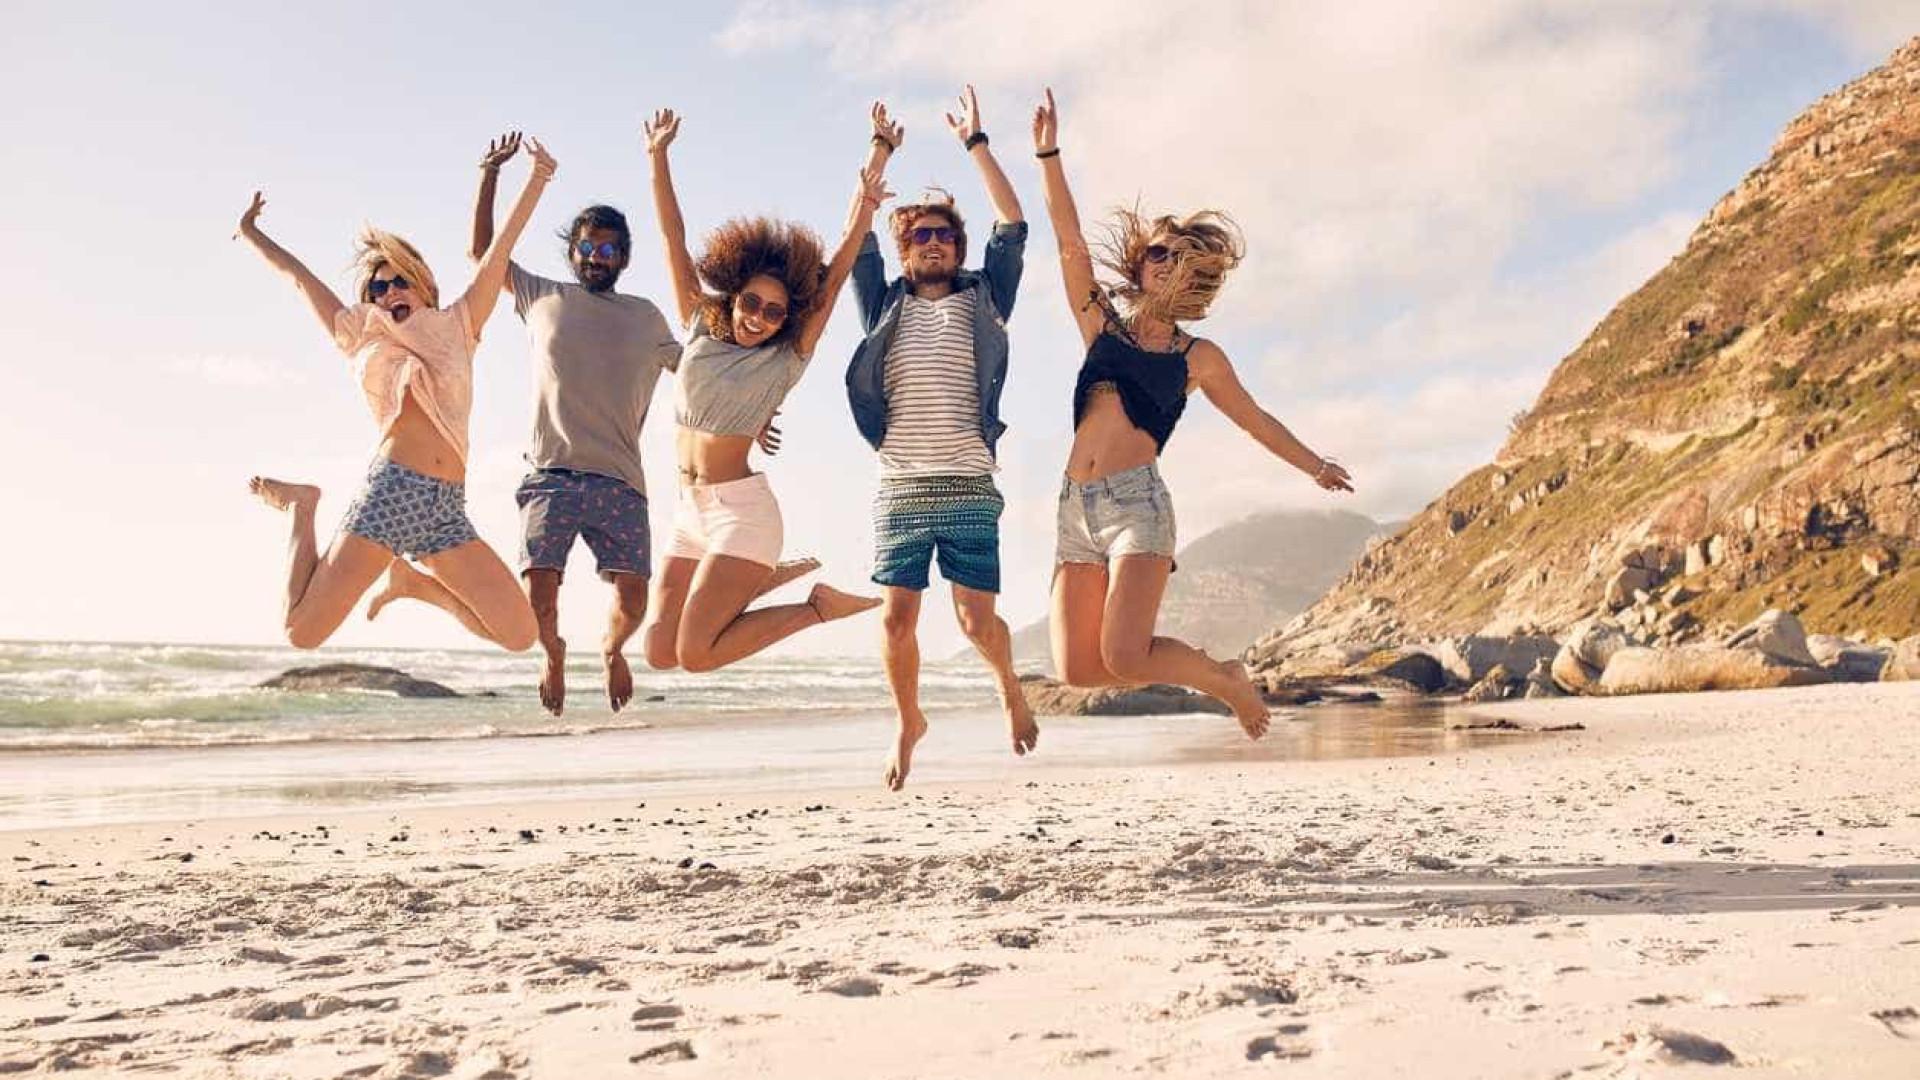 Três hábitos que tornam a vida mais feliz, segundo a ciência